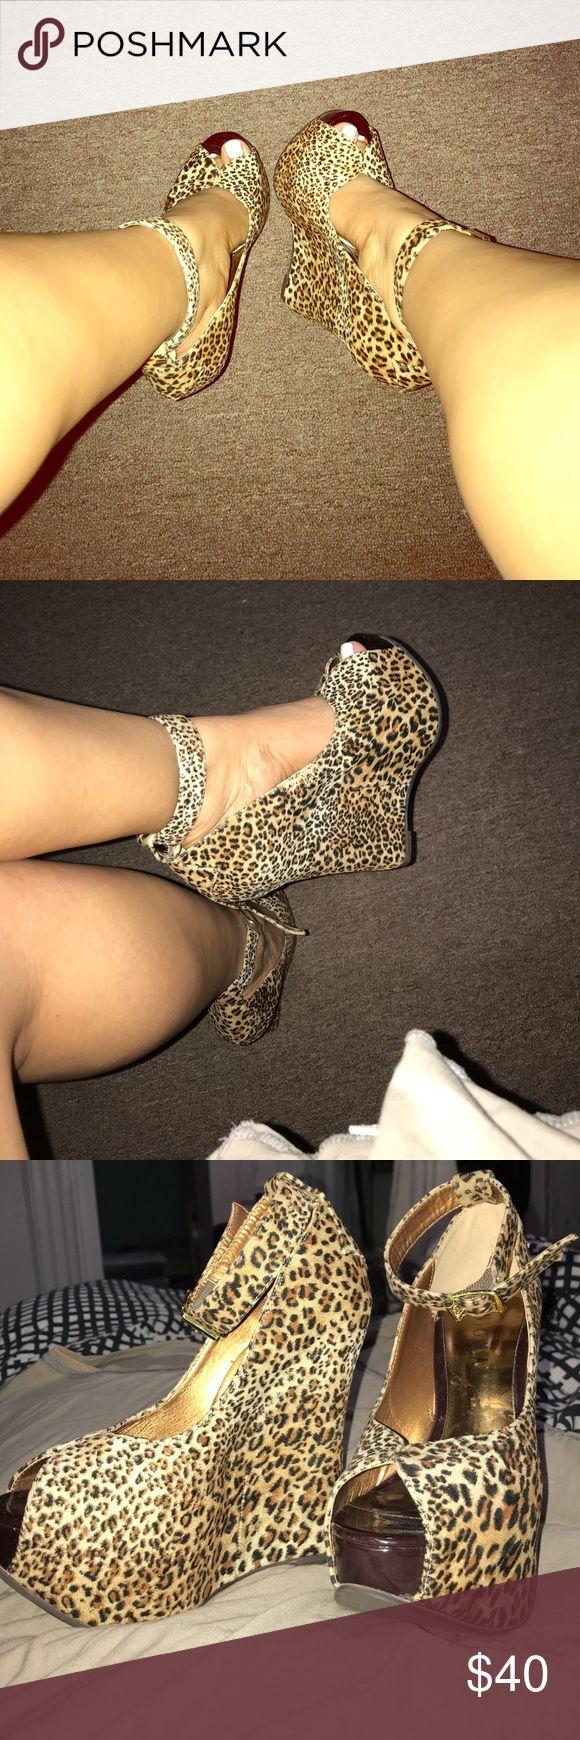 peep toe wedges leopard print peep toe wedges Shoes Wedges